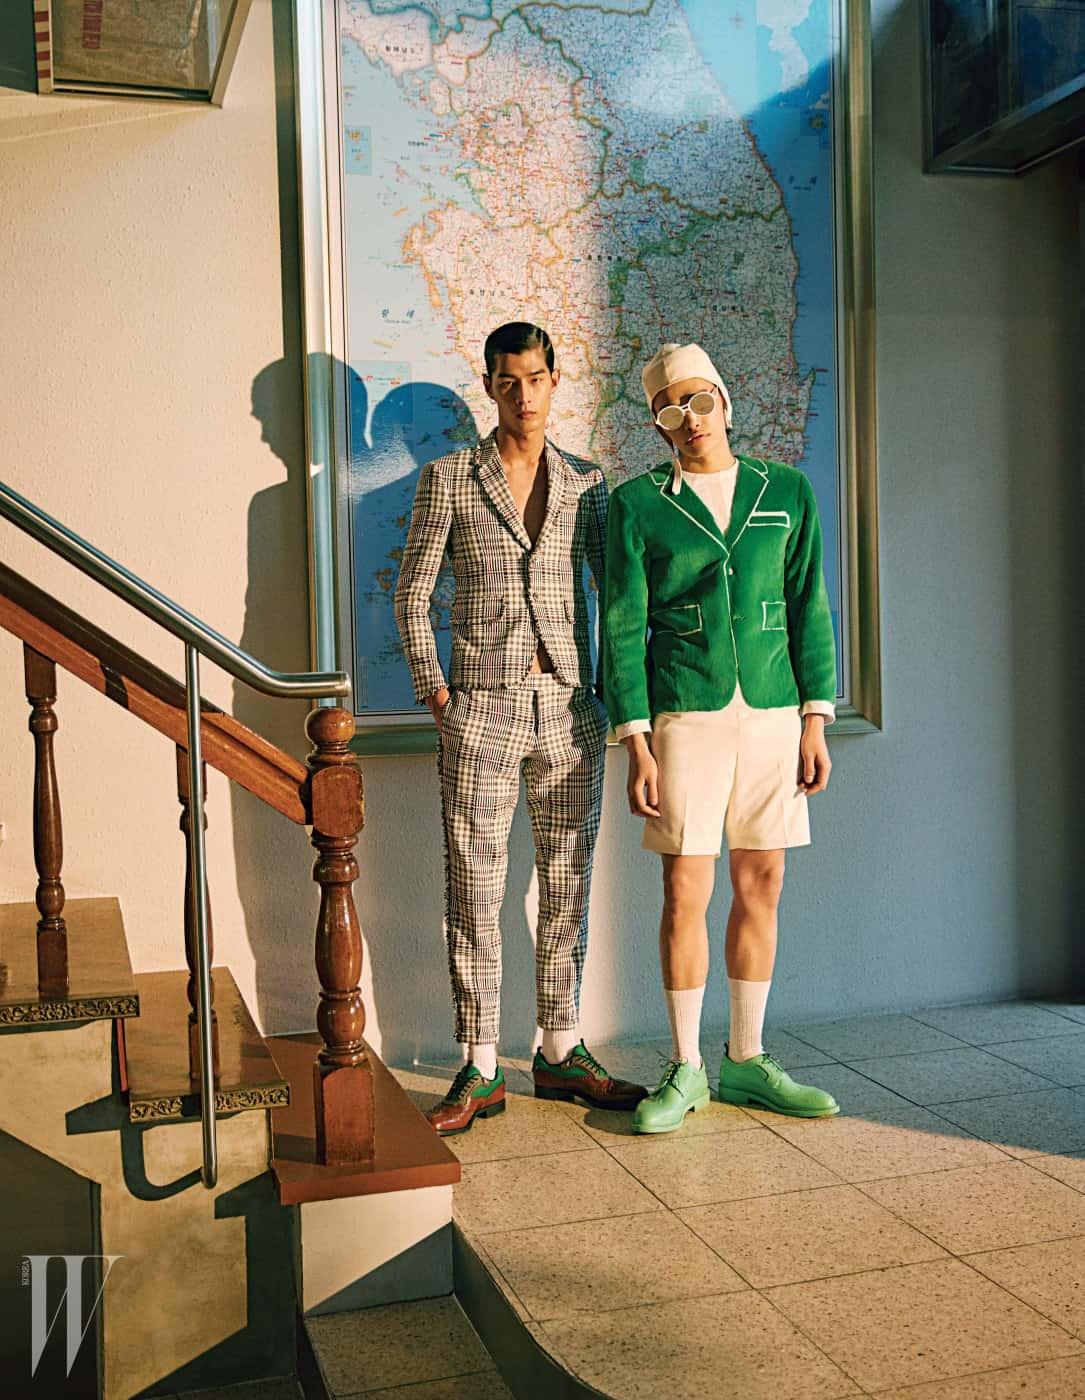 왼쪽부터ㅣ태은이 입은 체크무늬 슈트는 Thom Browne, 슈즈는 Prada 제품. 정혁이 입은 점프슈트, 양말, 모자, 슈즈, 선글라스는 모두 Thom Browne 제품.